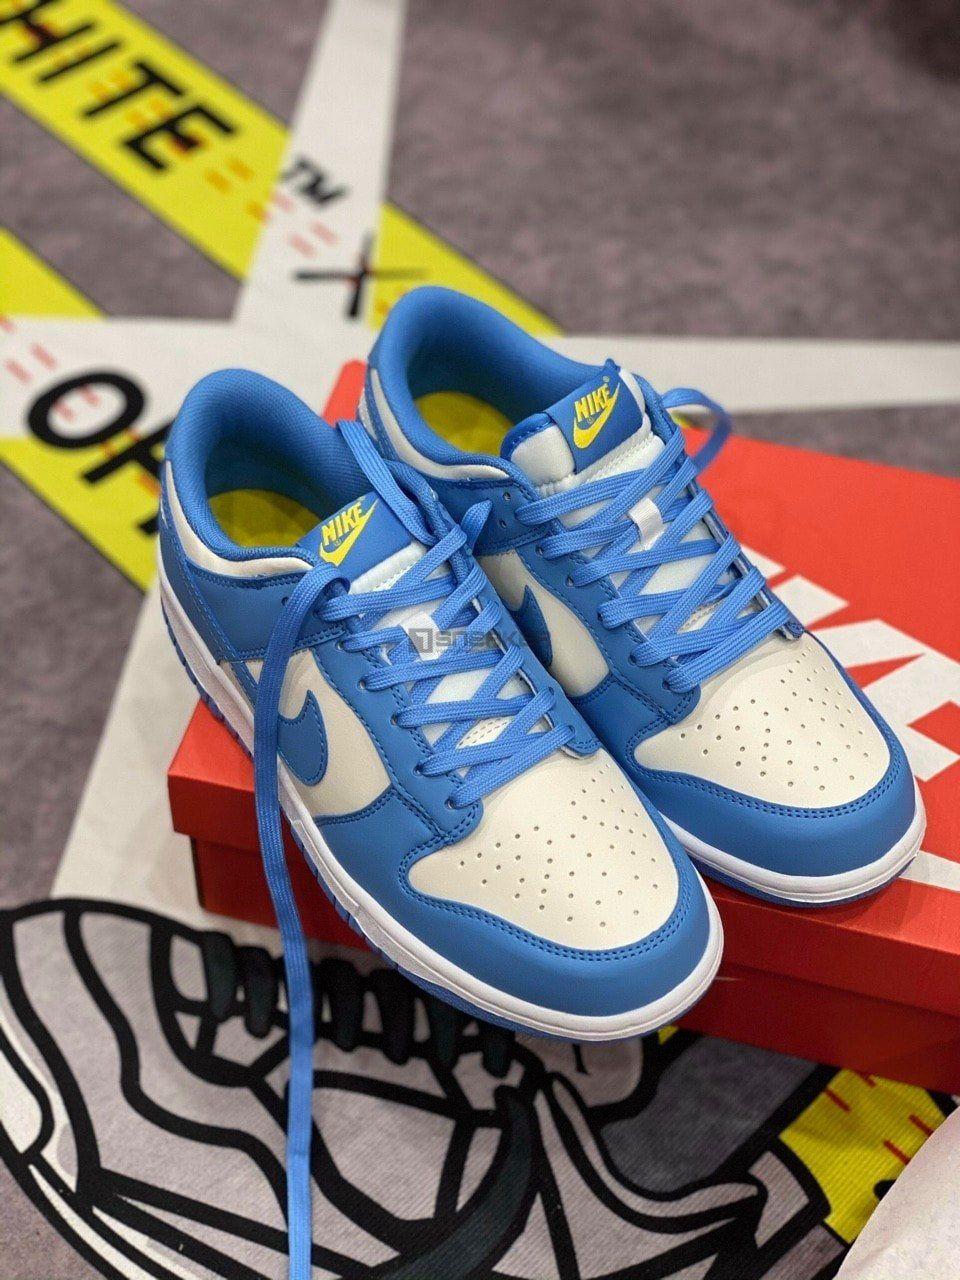 Nike Dunk Low Coast phiên bản siêu chất lượng